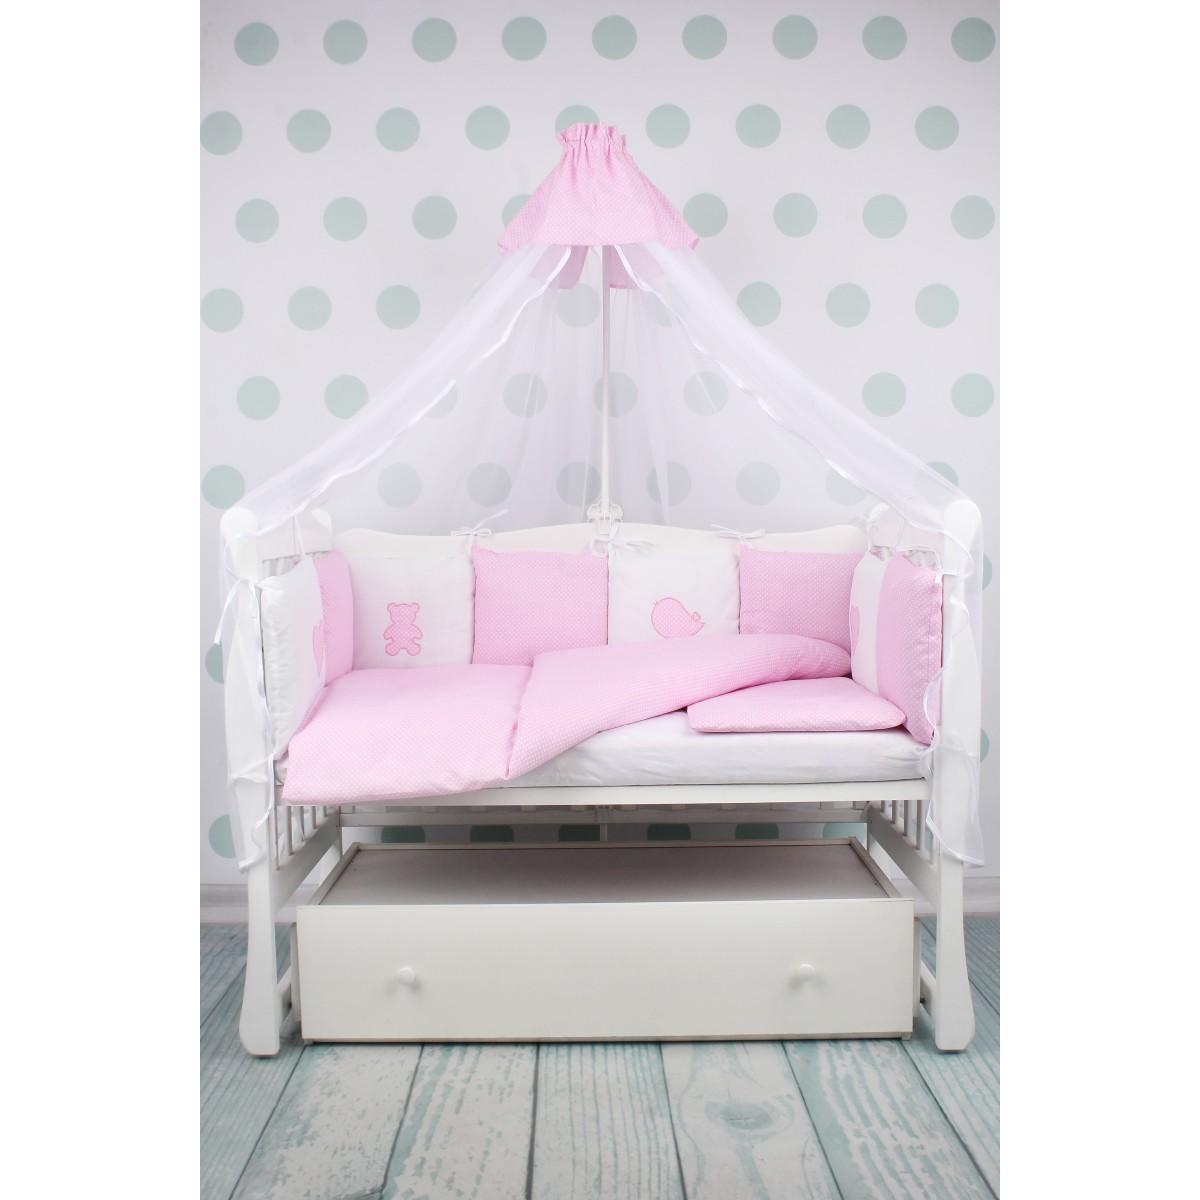 Комплект постельного белья AmaroBaby Кроха в кроватку бязь 18 предметов